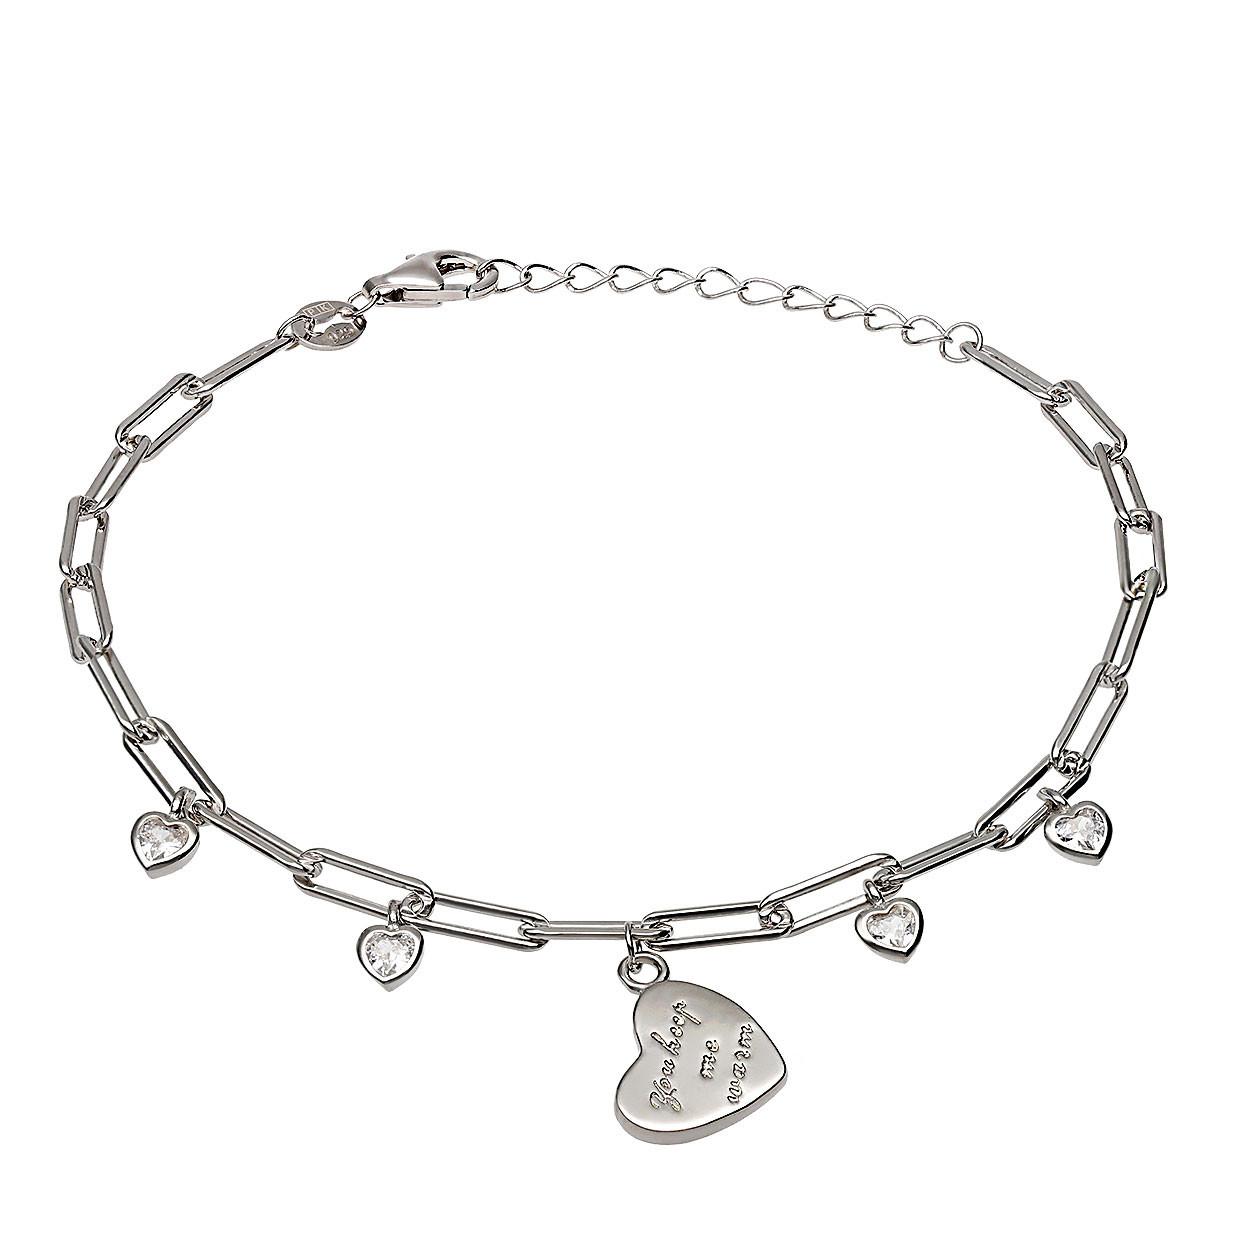 Bransoleta srebrna z zawieszkami z cyrkoniami i napisem, splot ankier, próba 925